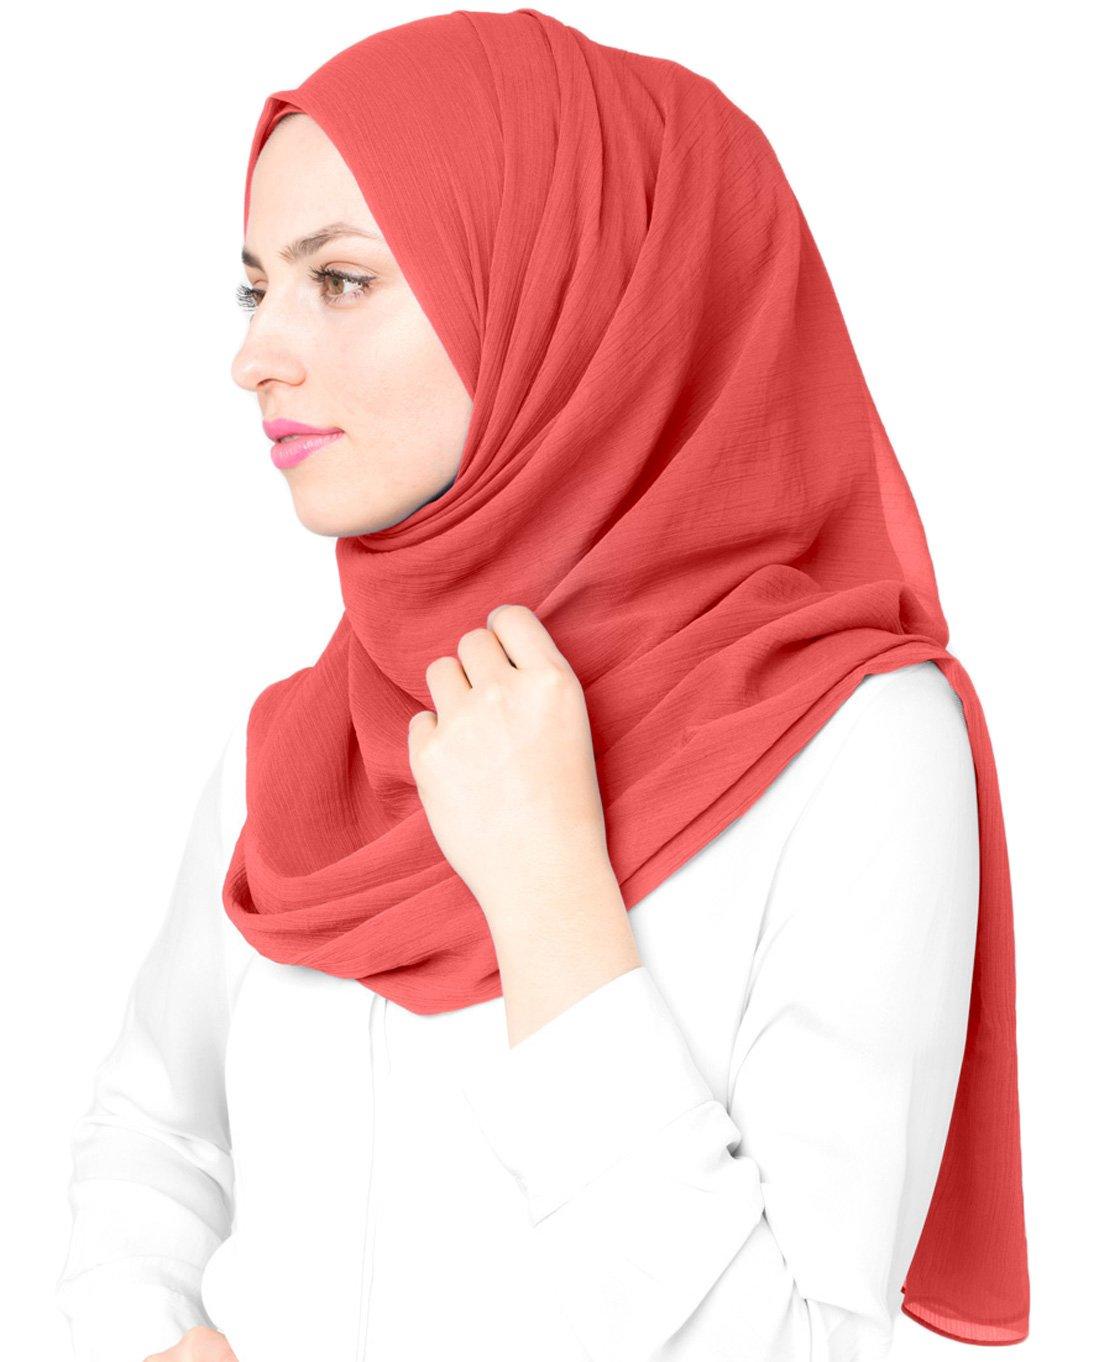 Inessence New Minimal Grey Polychiffon Scarf Ladies Wrap Hijab Maxi Size 2whjie01pc173906m